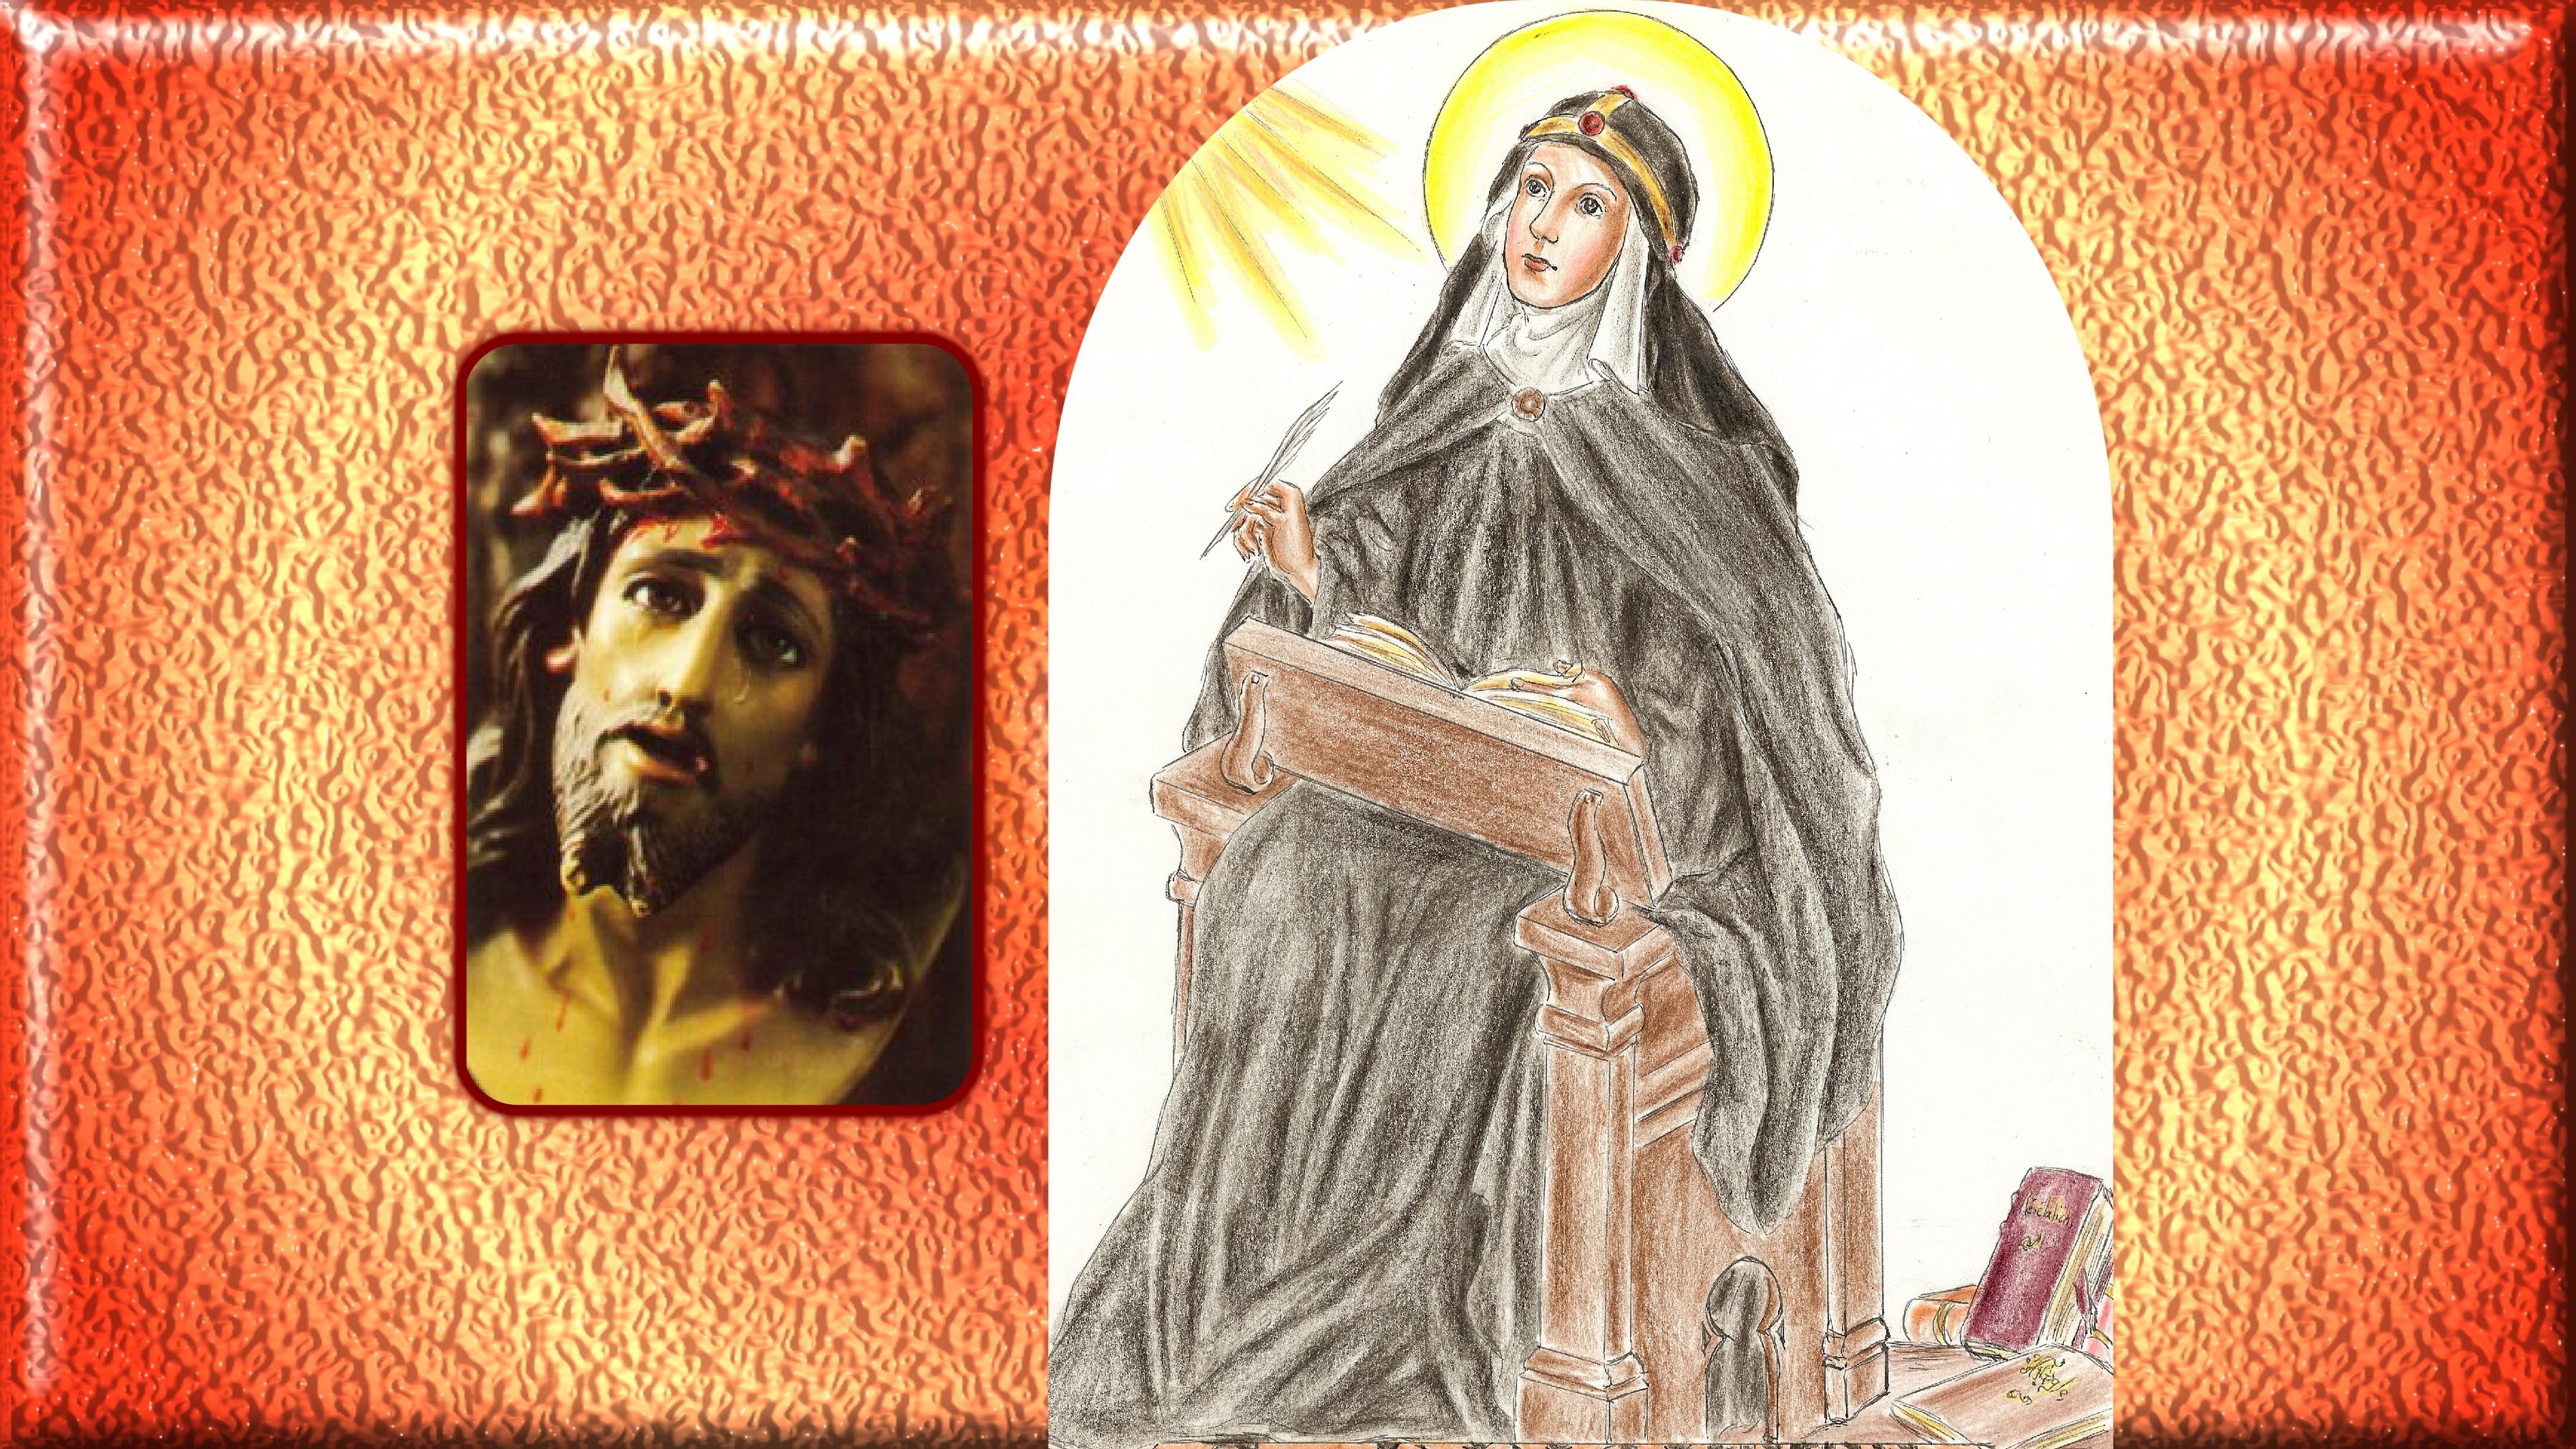 CALENDRIER CATHOLIQUE 2019 (Cantiques, Prières & Images) - Page 11 Ste-brigitte-j-sus-mourant-560a5c4